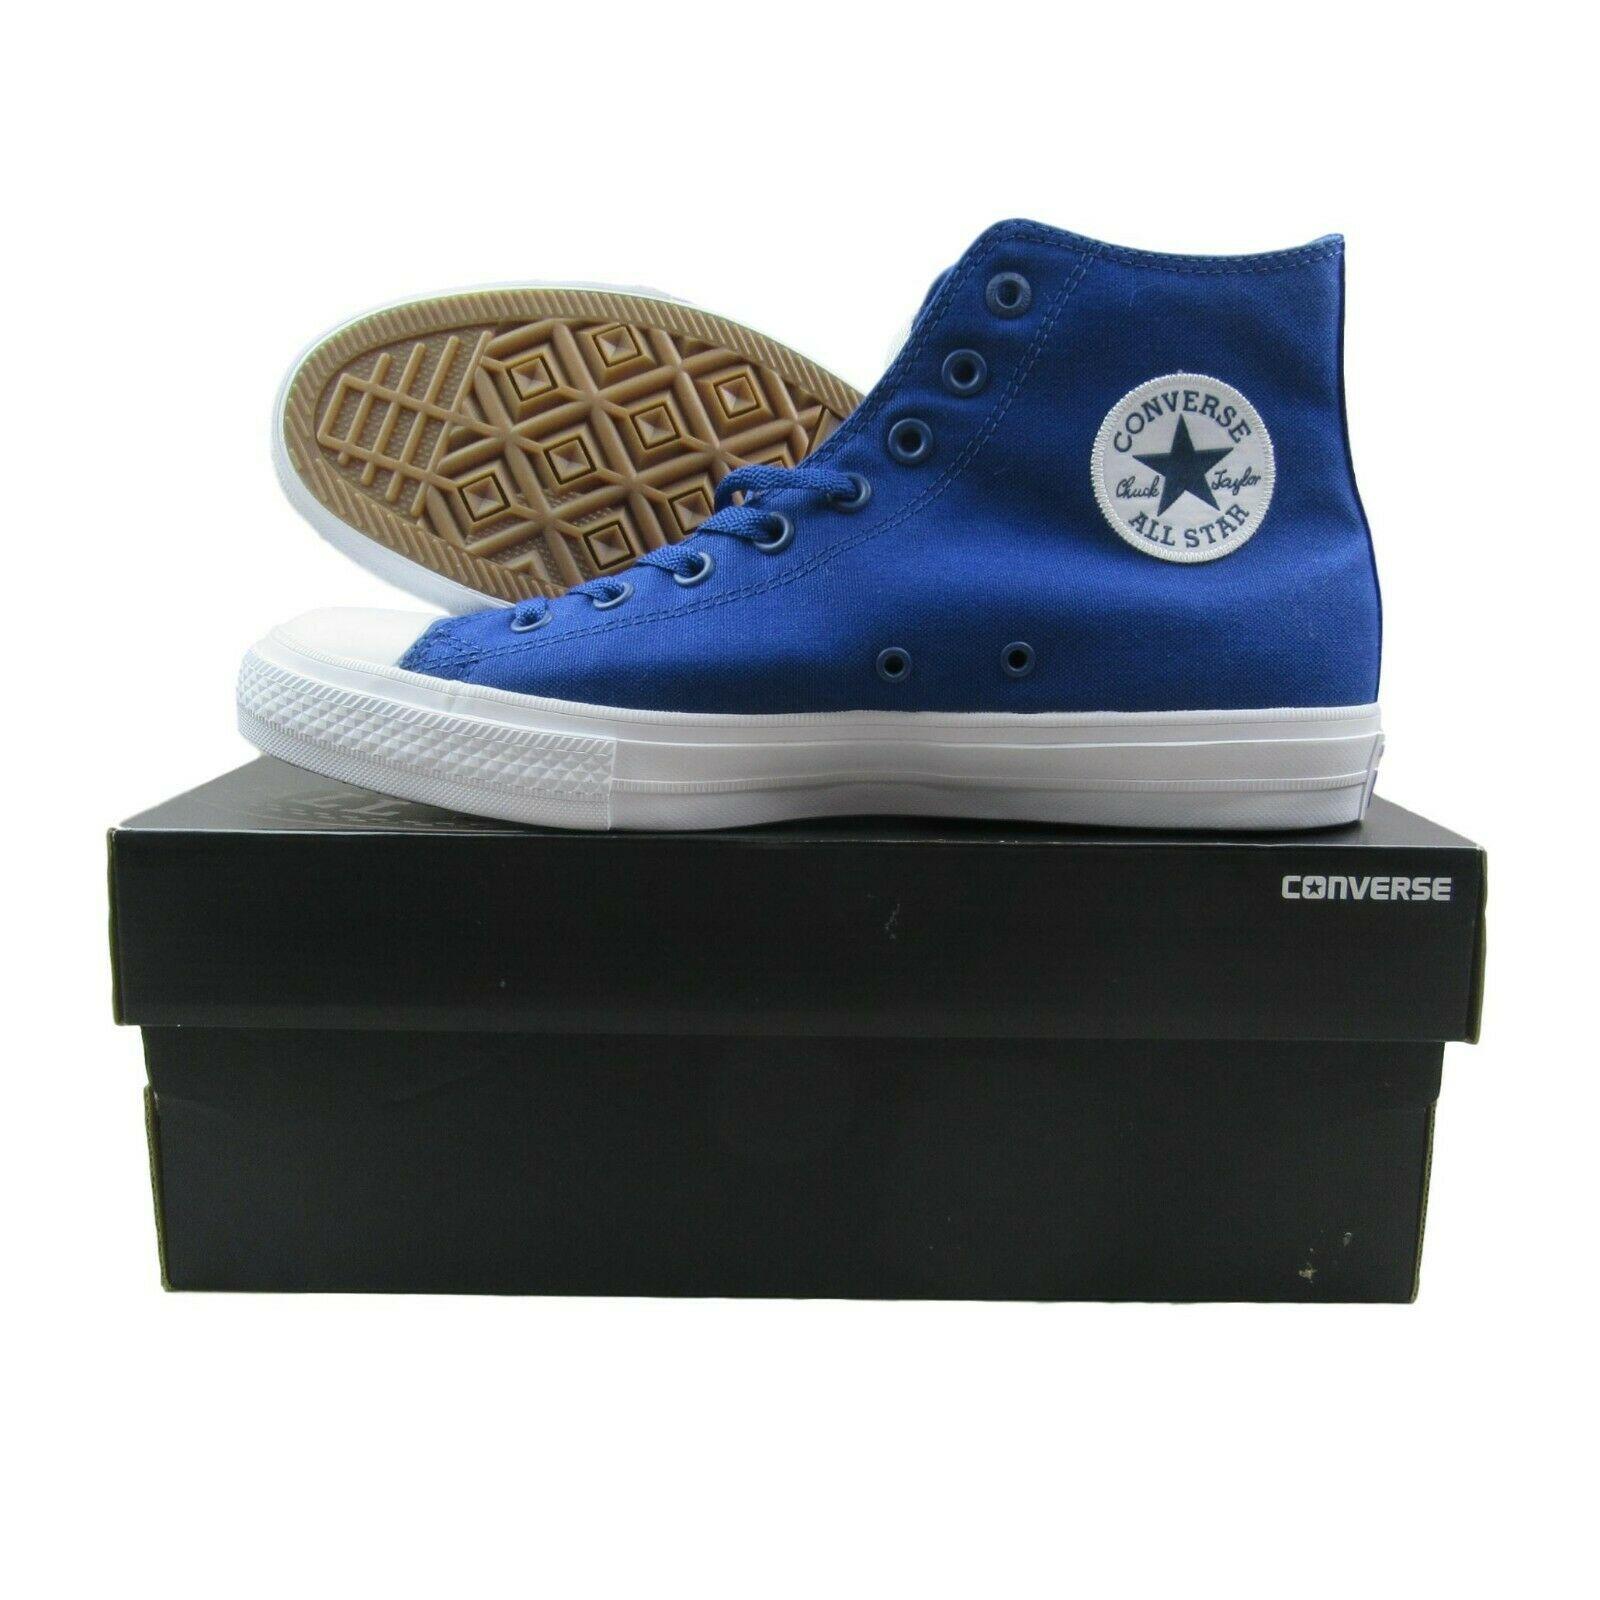 29879b8d5b46 Converse Chuck Taylor All Star II Lunarlon Blue White Shoes 150146C ...